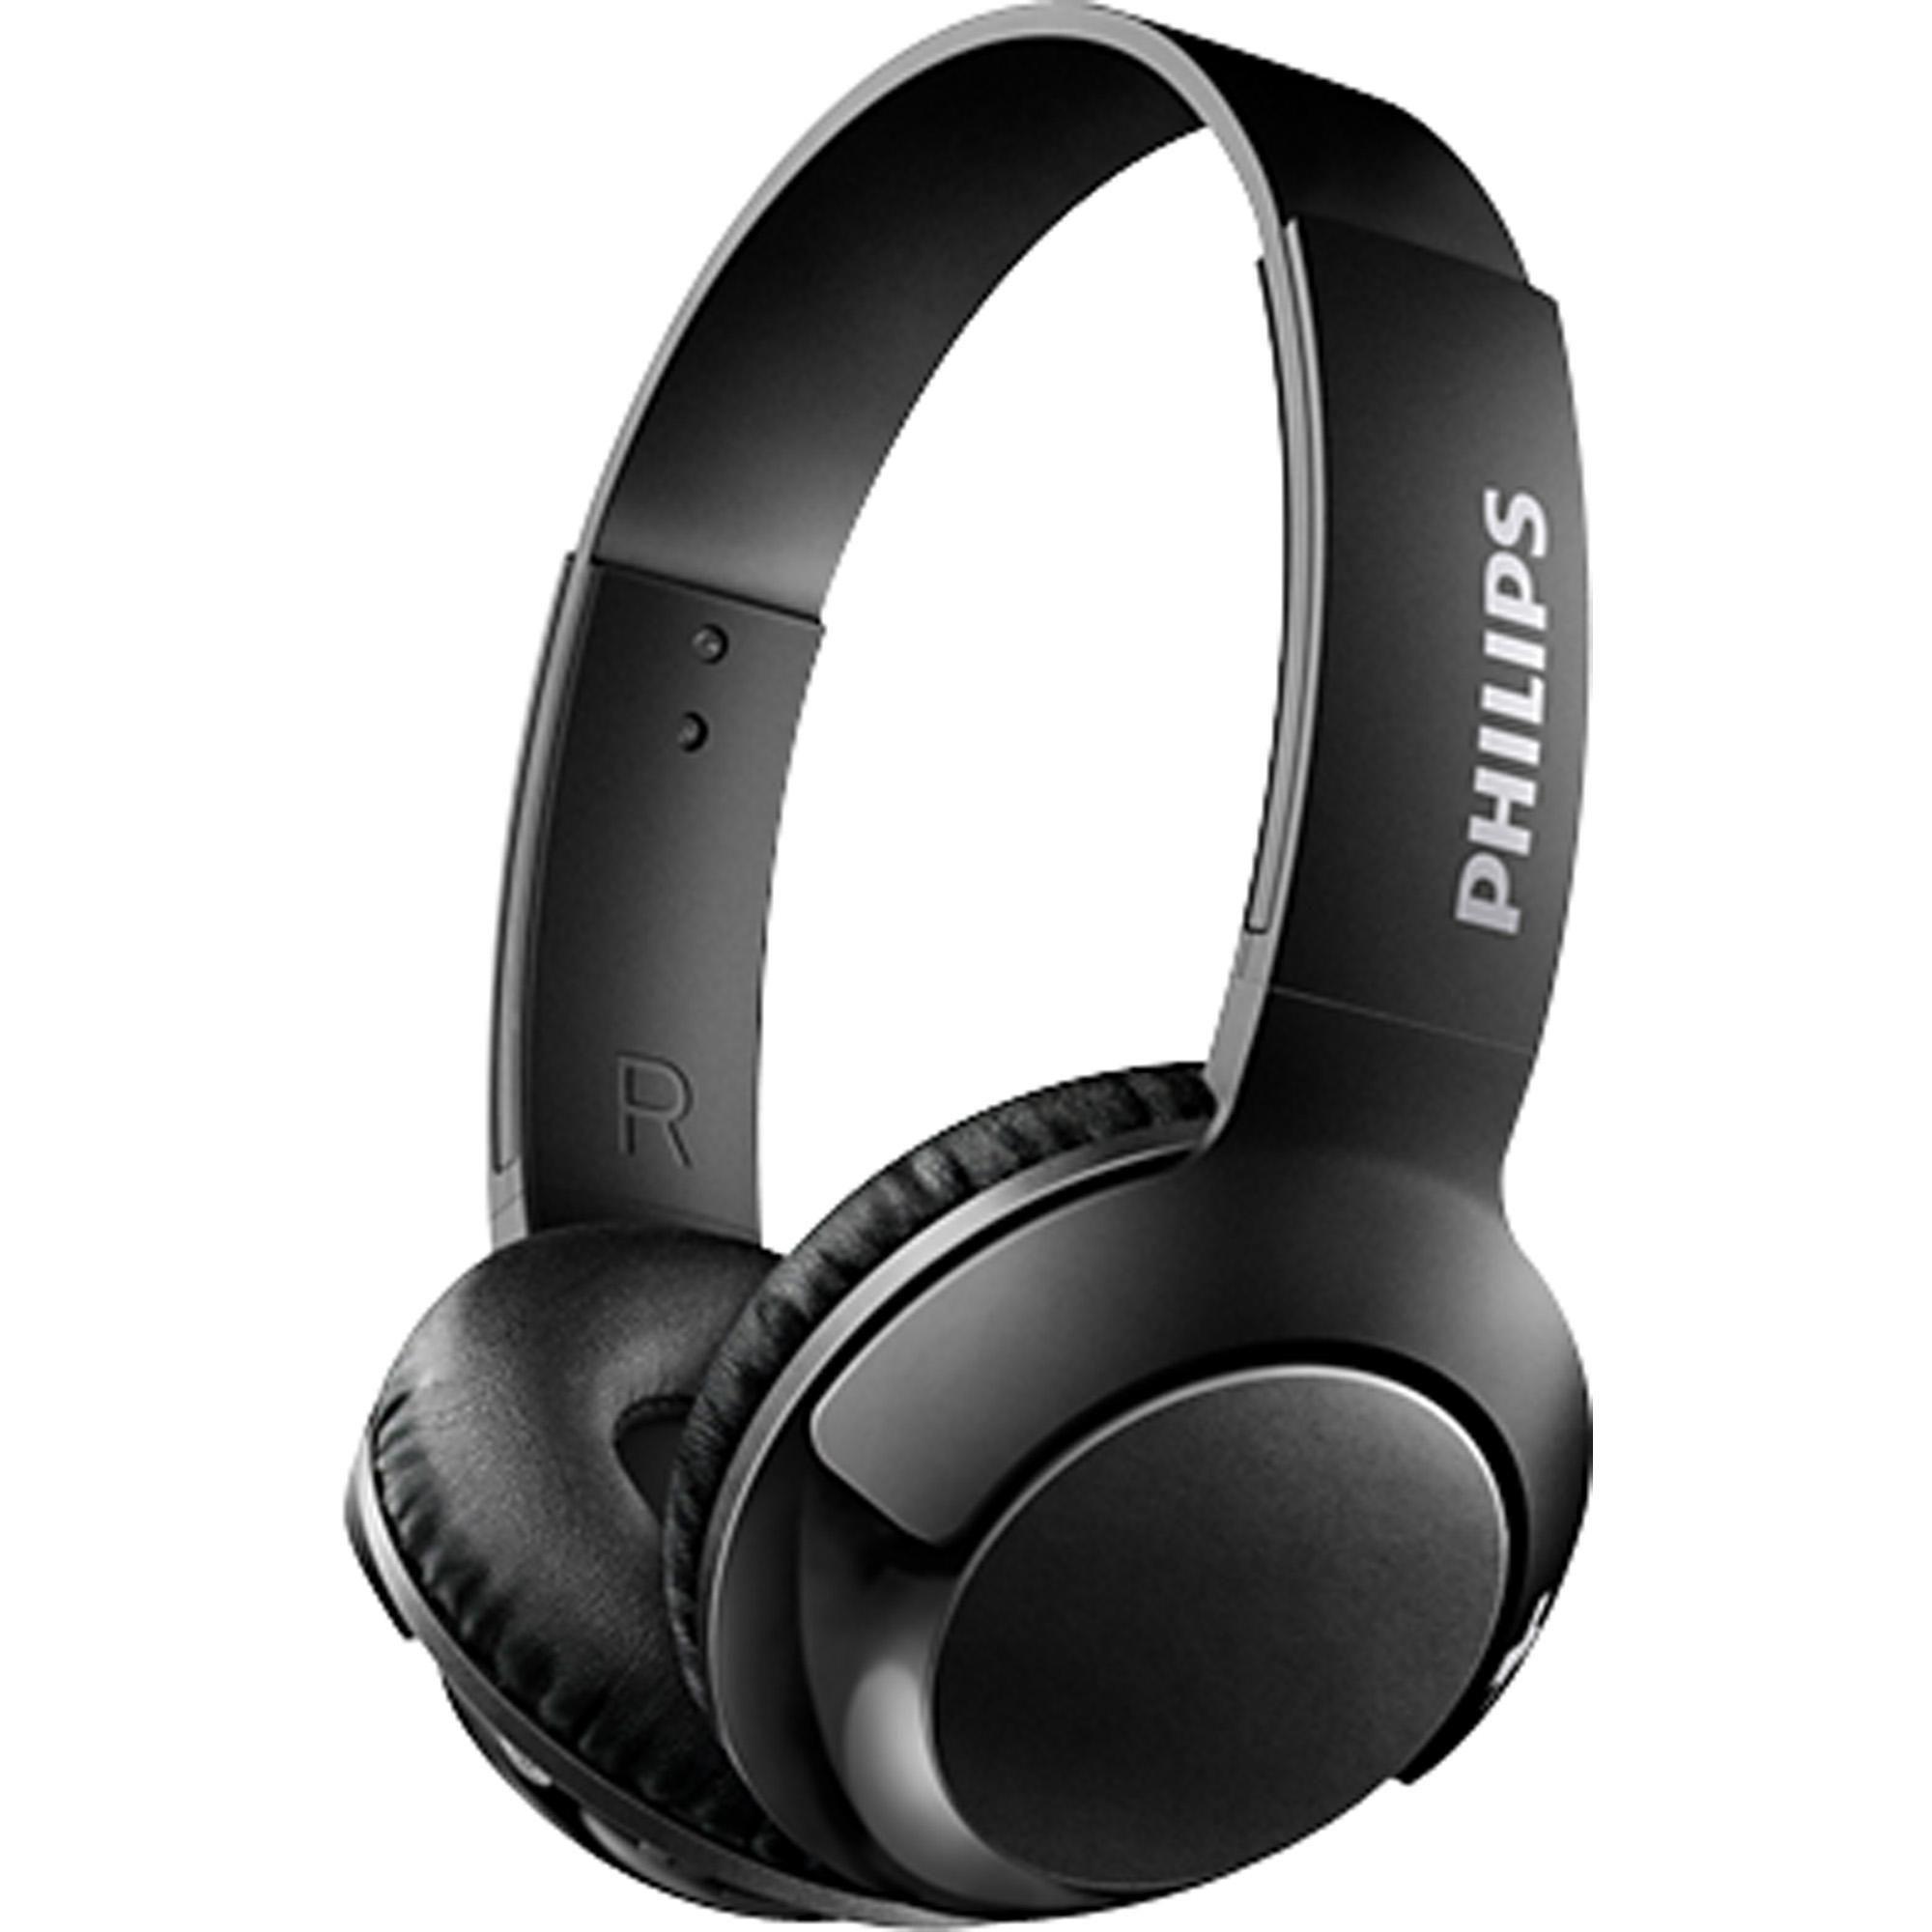 Fone de Ouvido Wireless Supra Auricular SHB3075 Preto PHILIPS